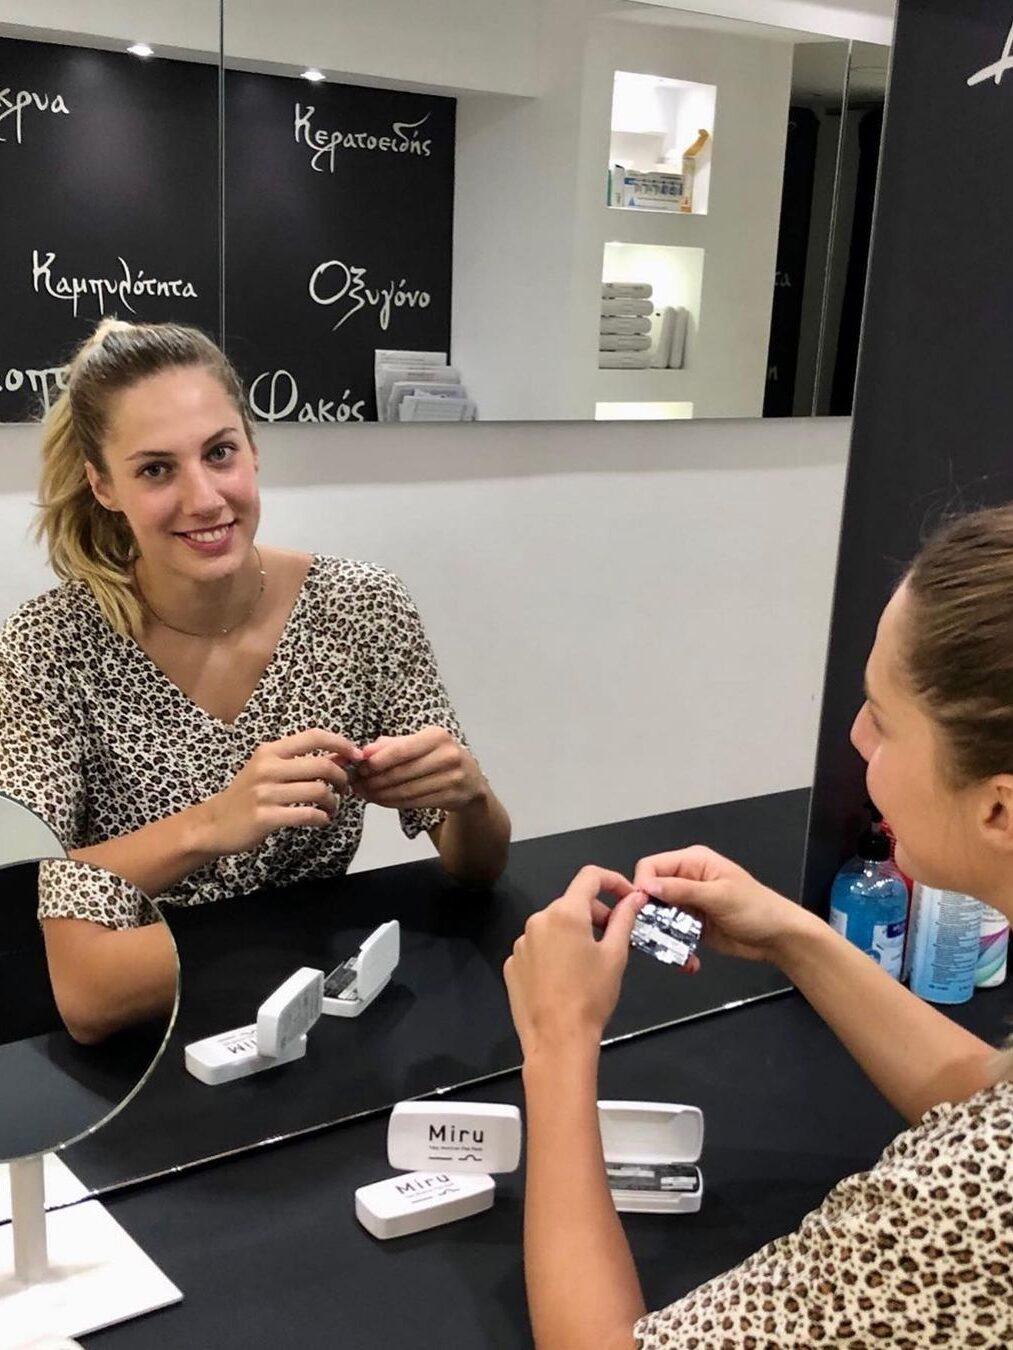 Η Μελίνα Τροχαλάκη μαθαίνει να χειρίζεται φακούς επαφής